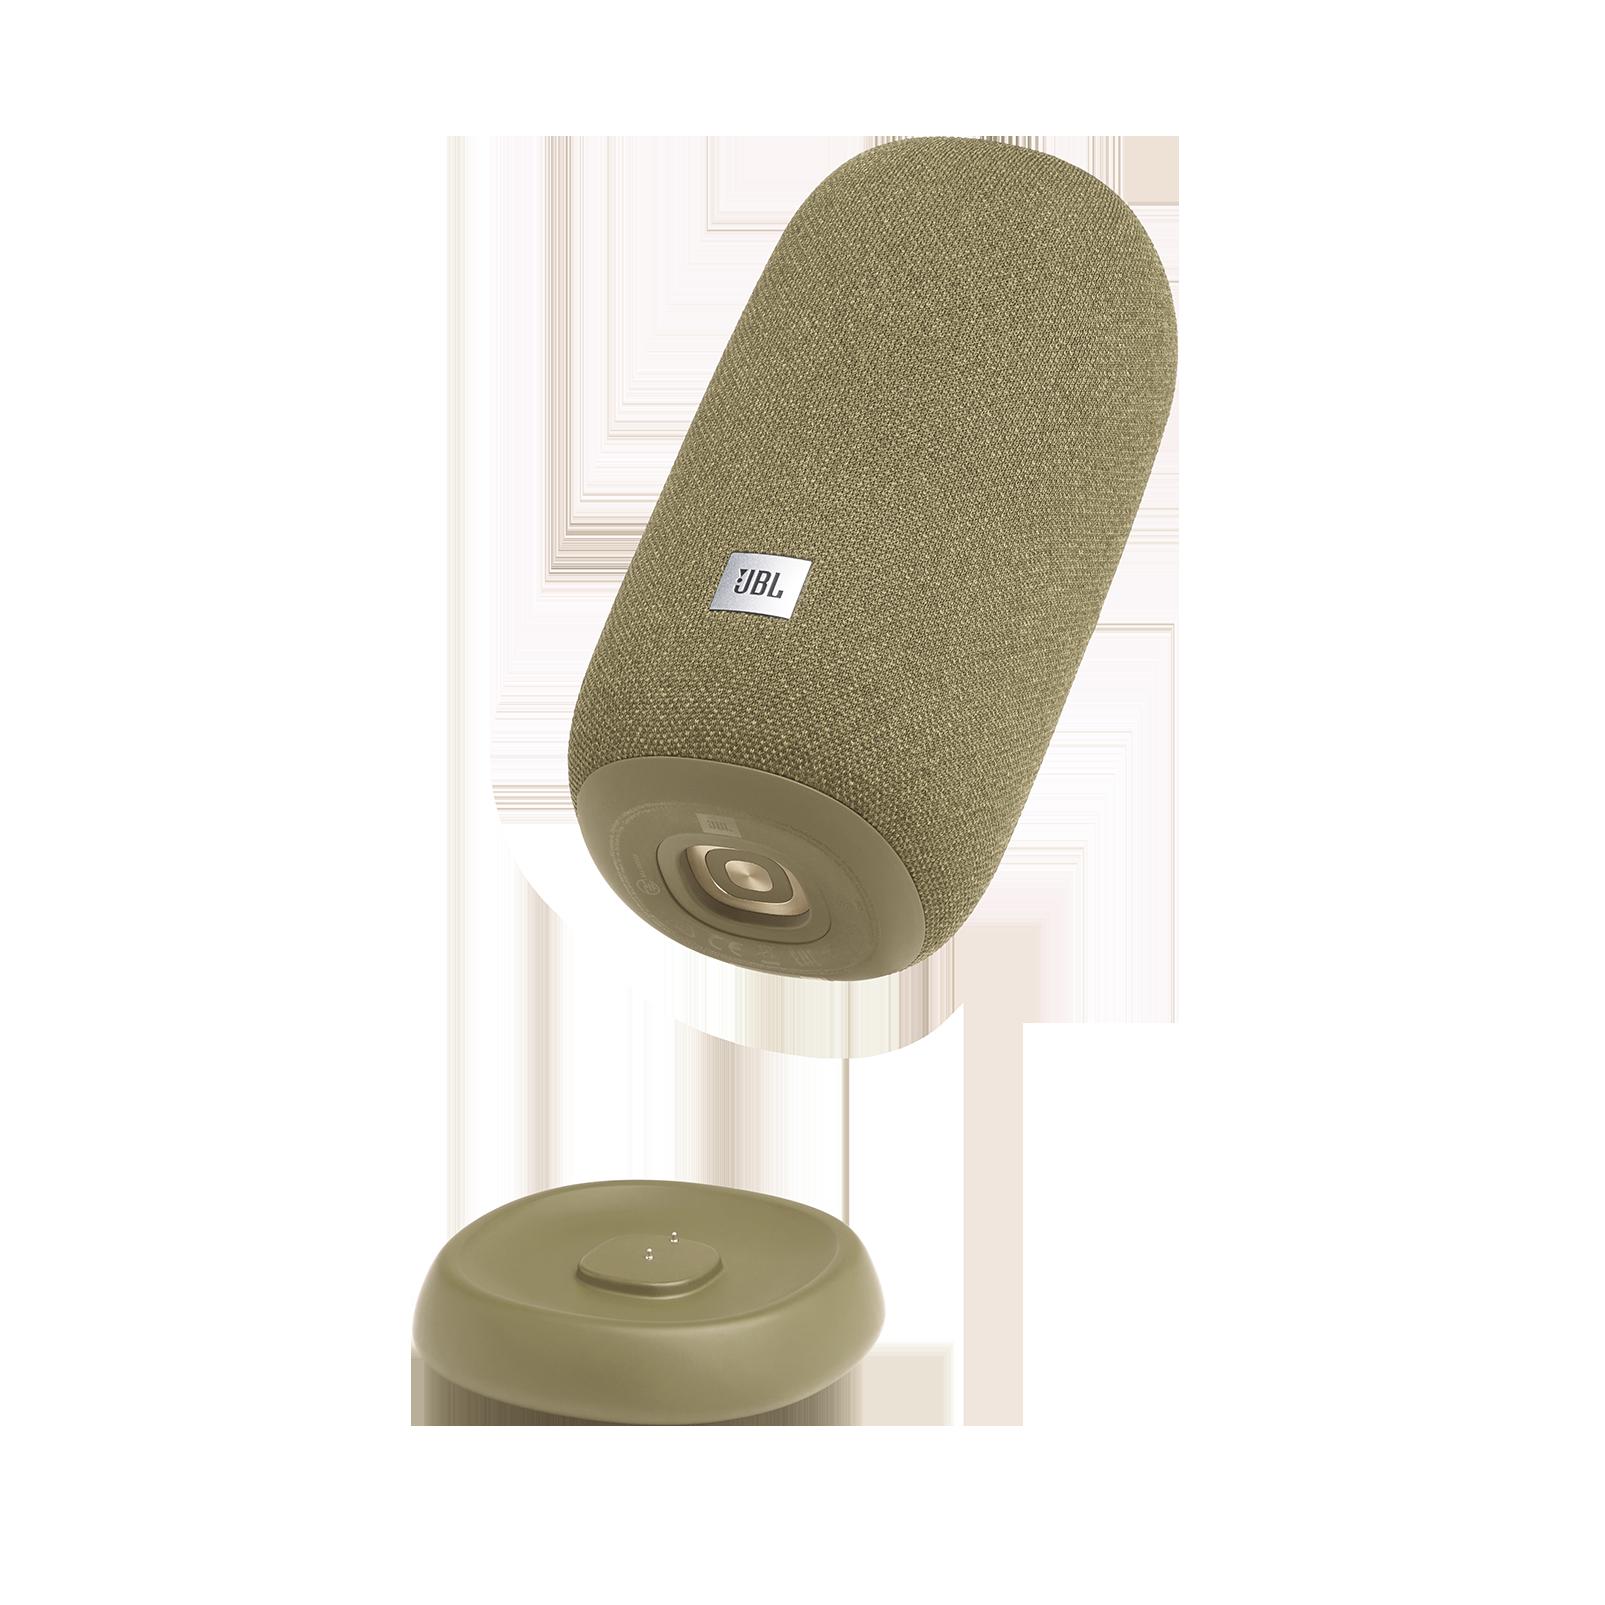 JBL Link Portable - Straw - Portable Wi-Fi Speaker - Detailshot 1